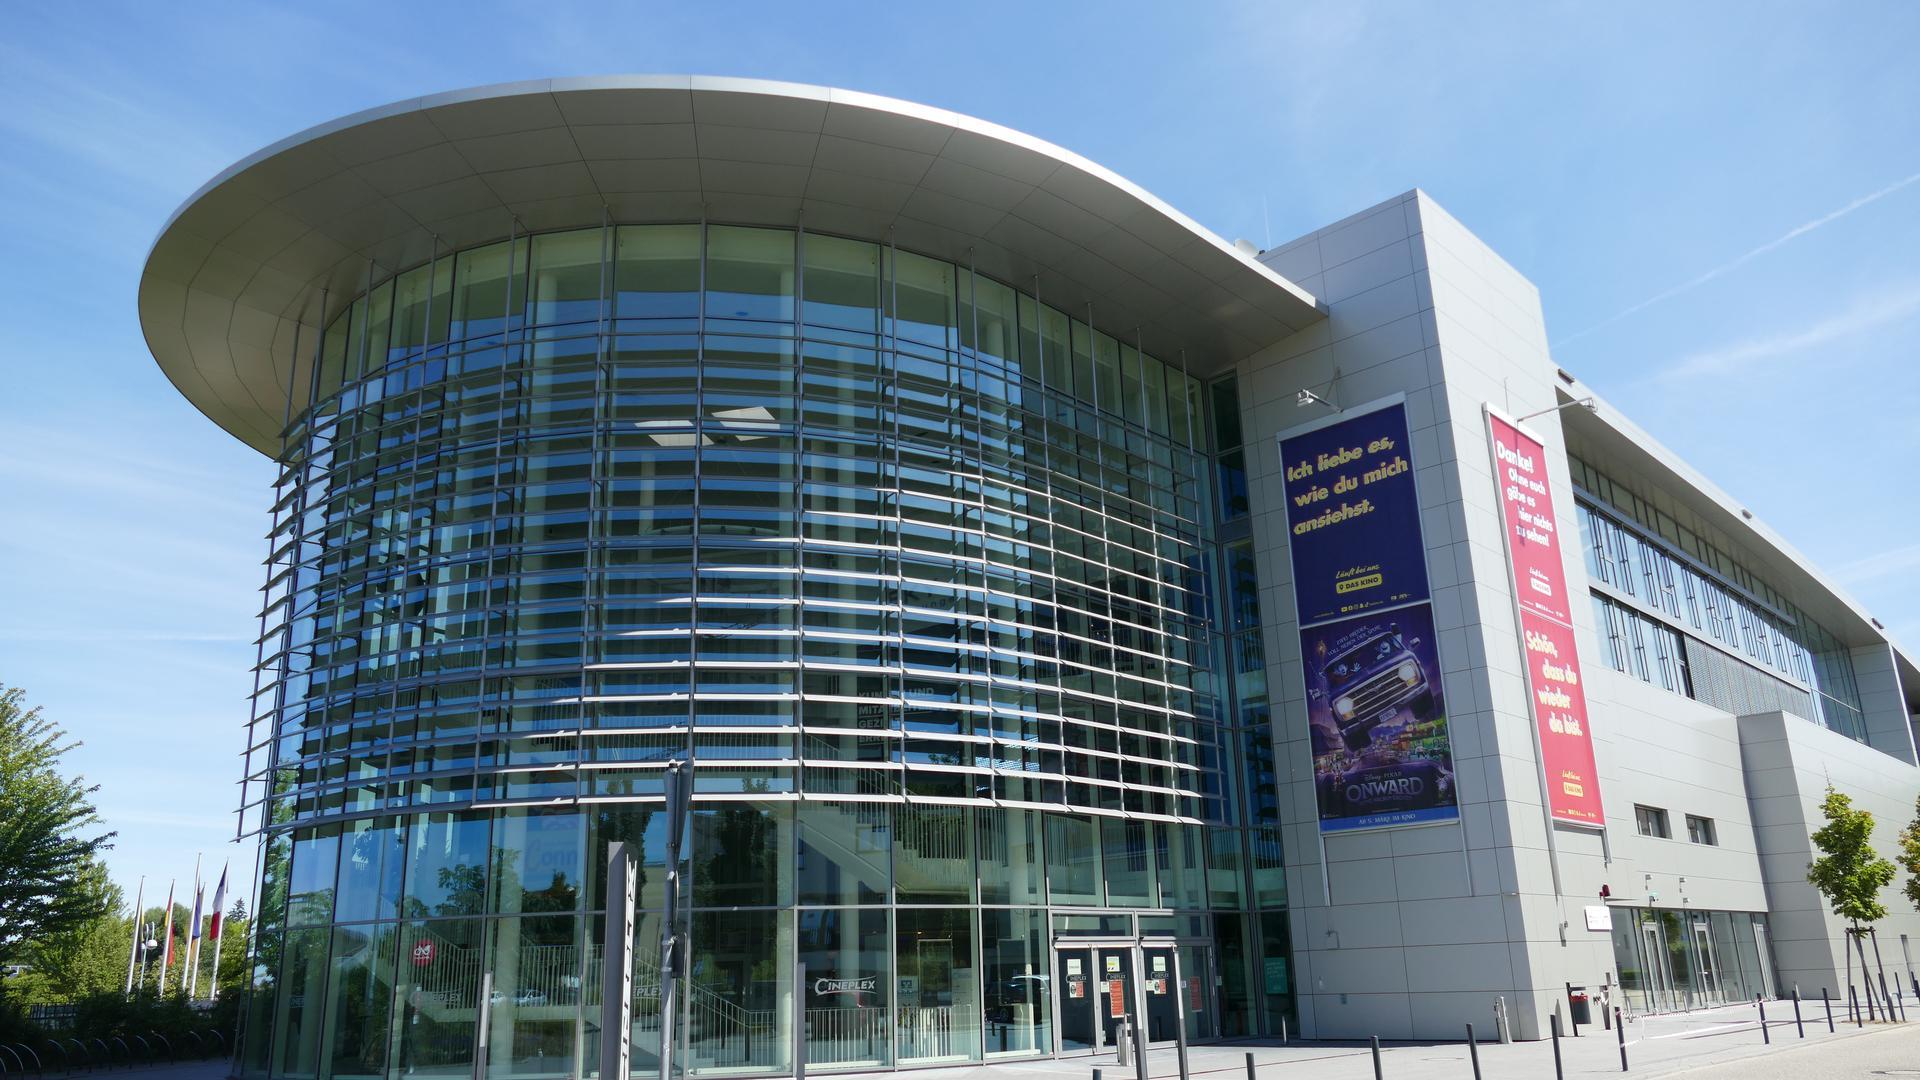 Für das Cineplex Kino in Baden-Baden war das Jahr 2020 herausfordernd. Ob das Jahr 2021 besser wird, steht noch in den Sternen.